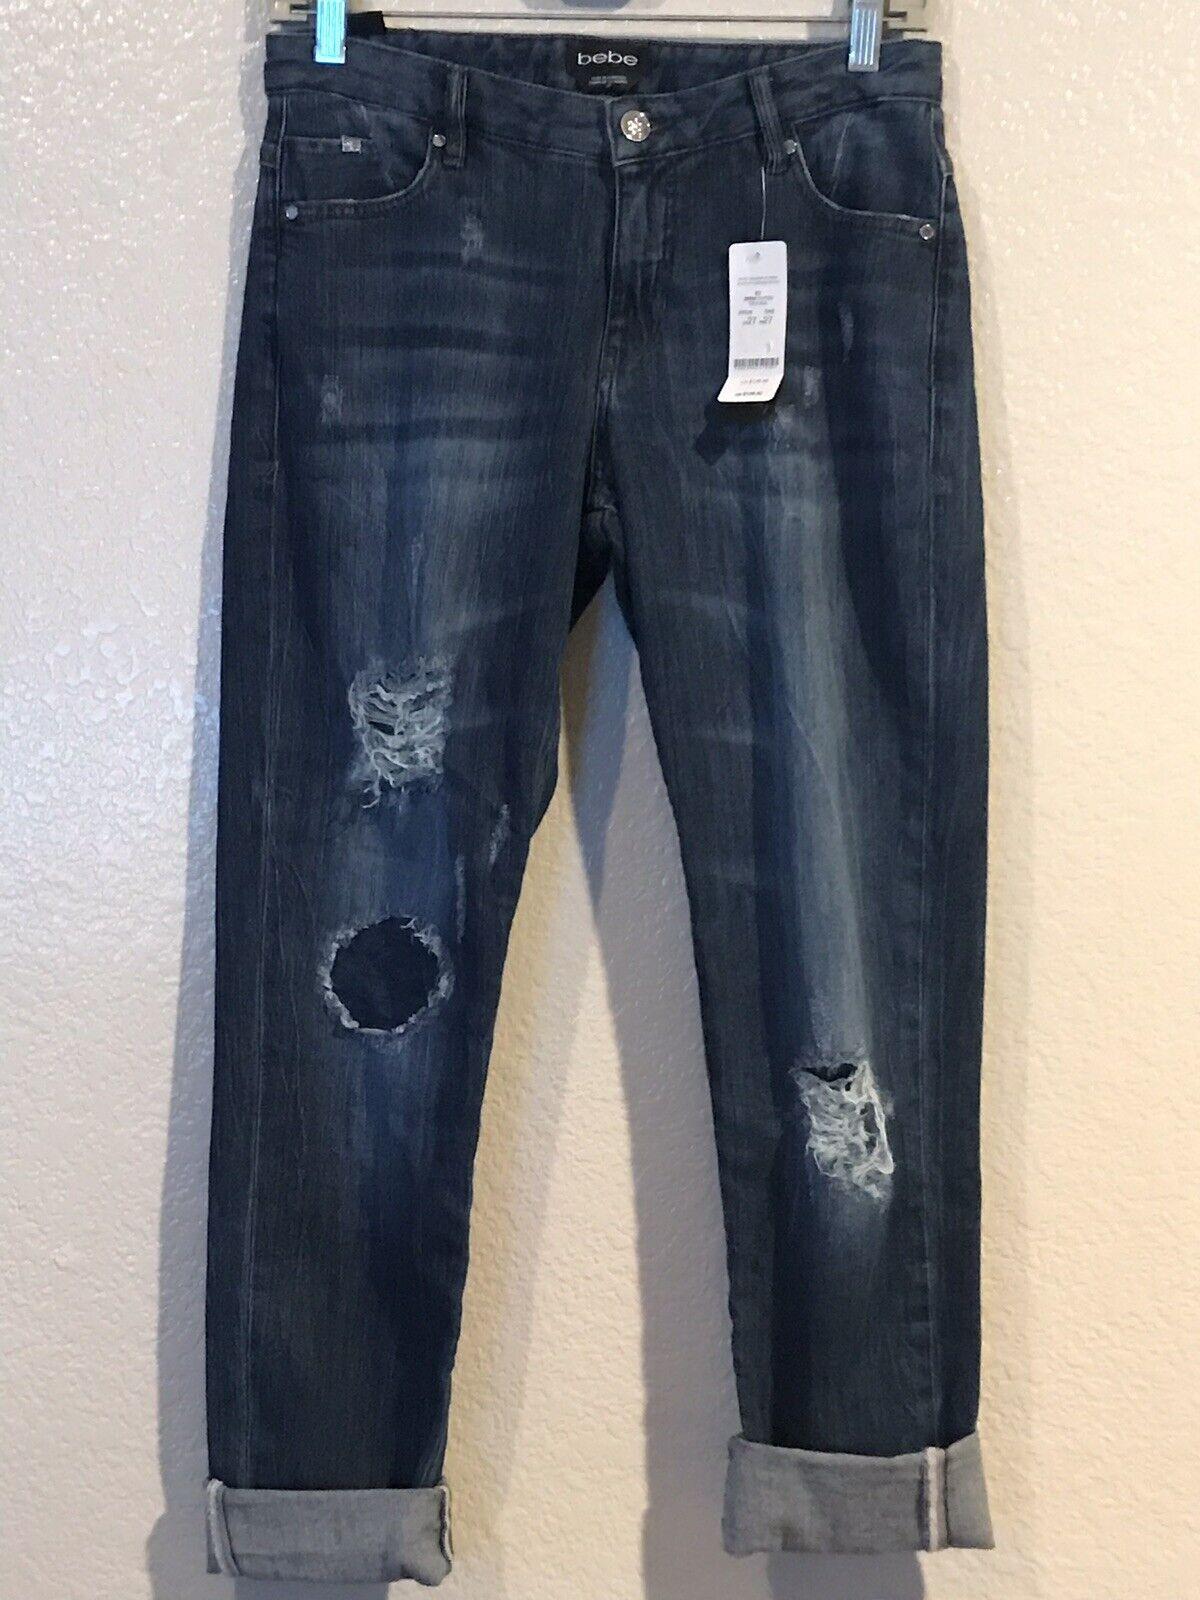 Bebe Distressed Ripped Heartbreaker Skinny Boyfriend Jeans Size 27